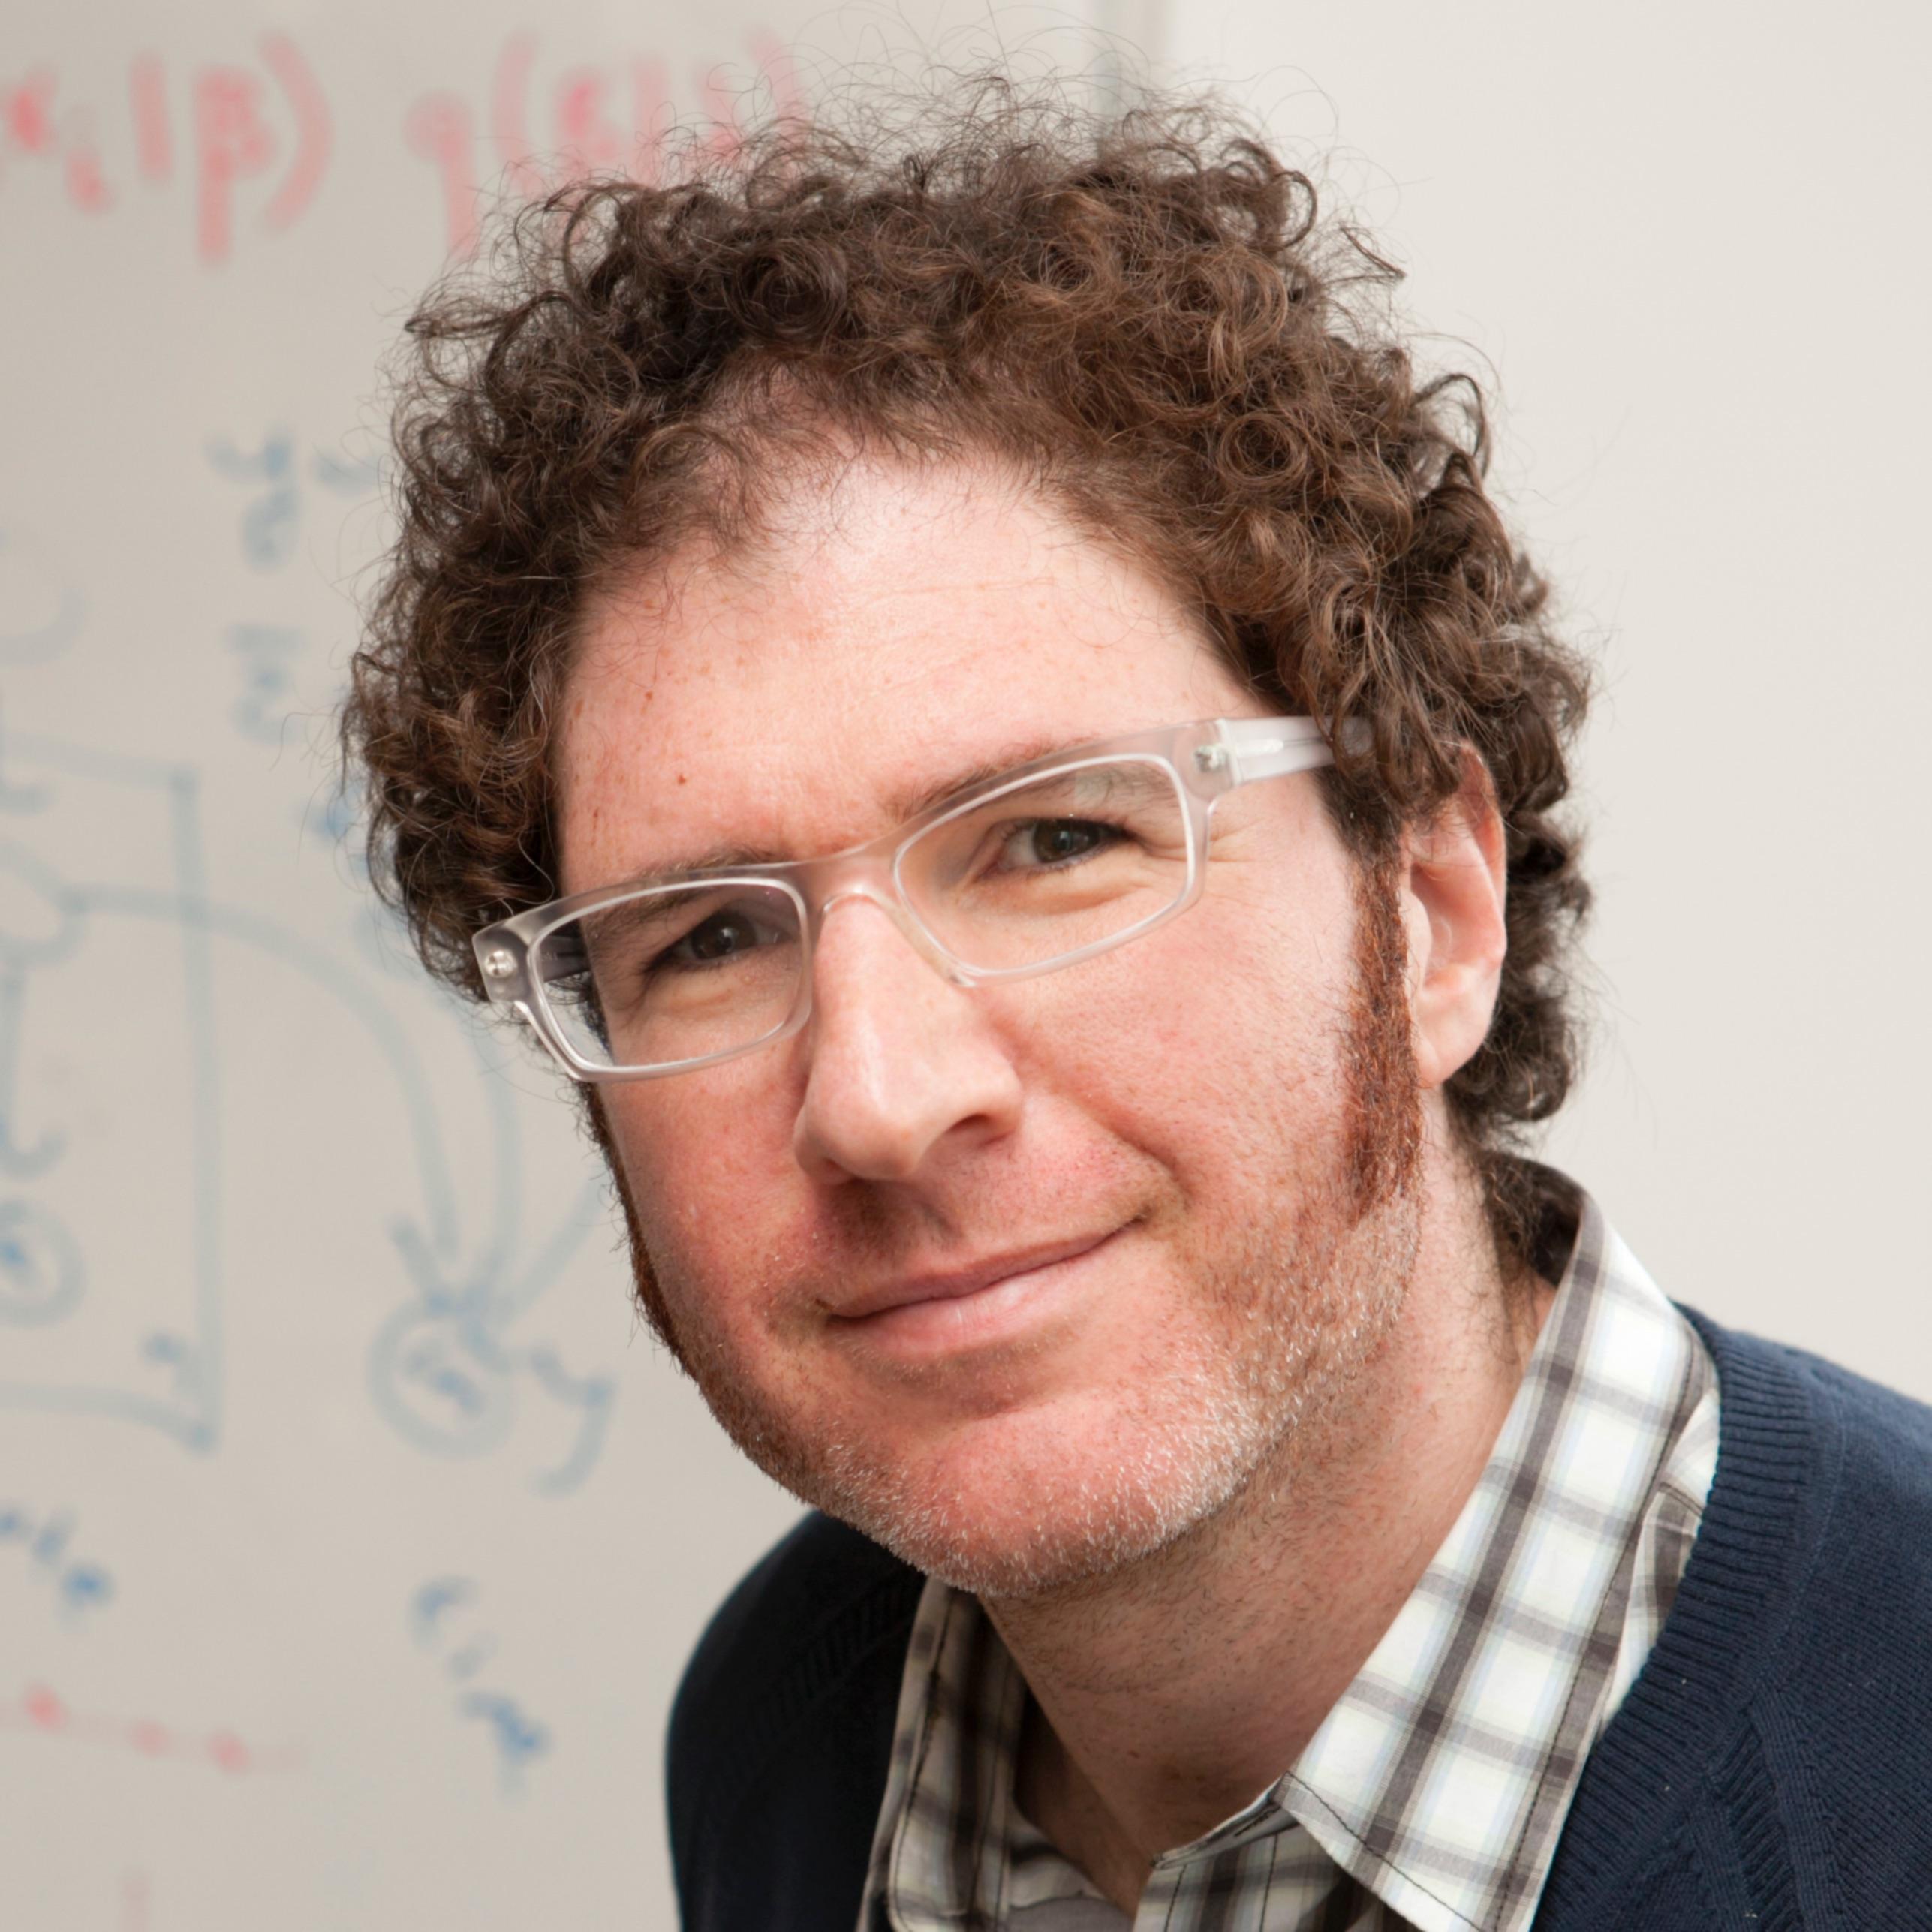 Headshot of David Blei